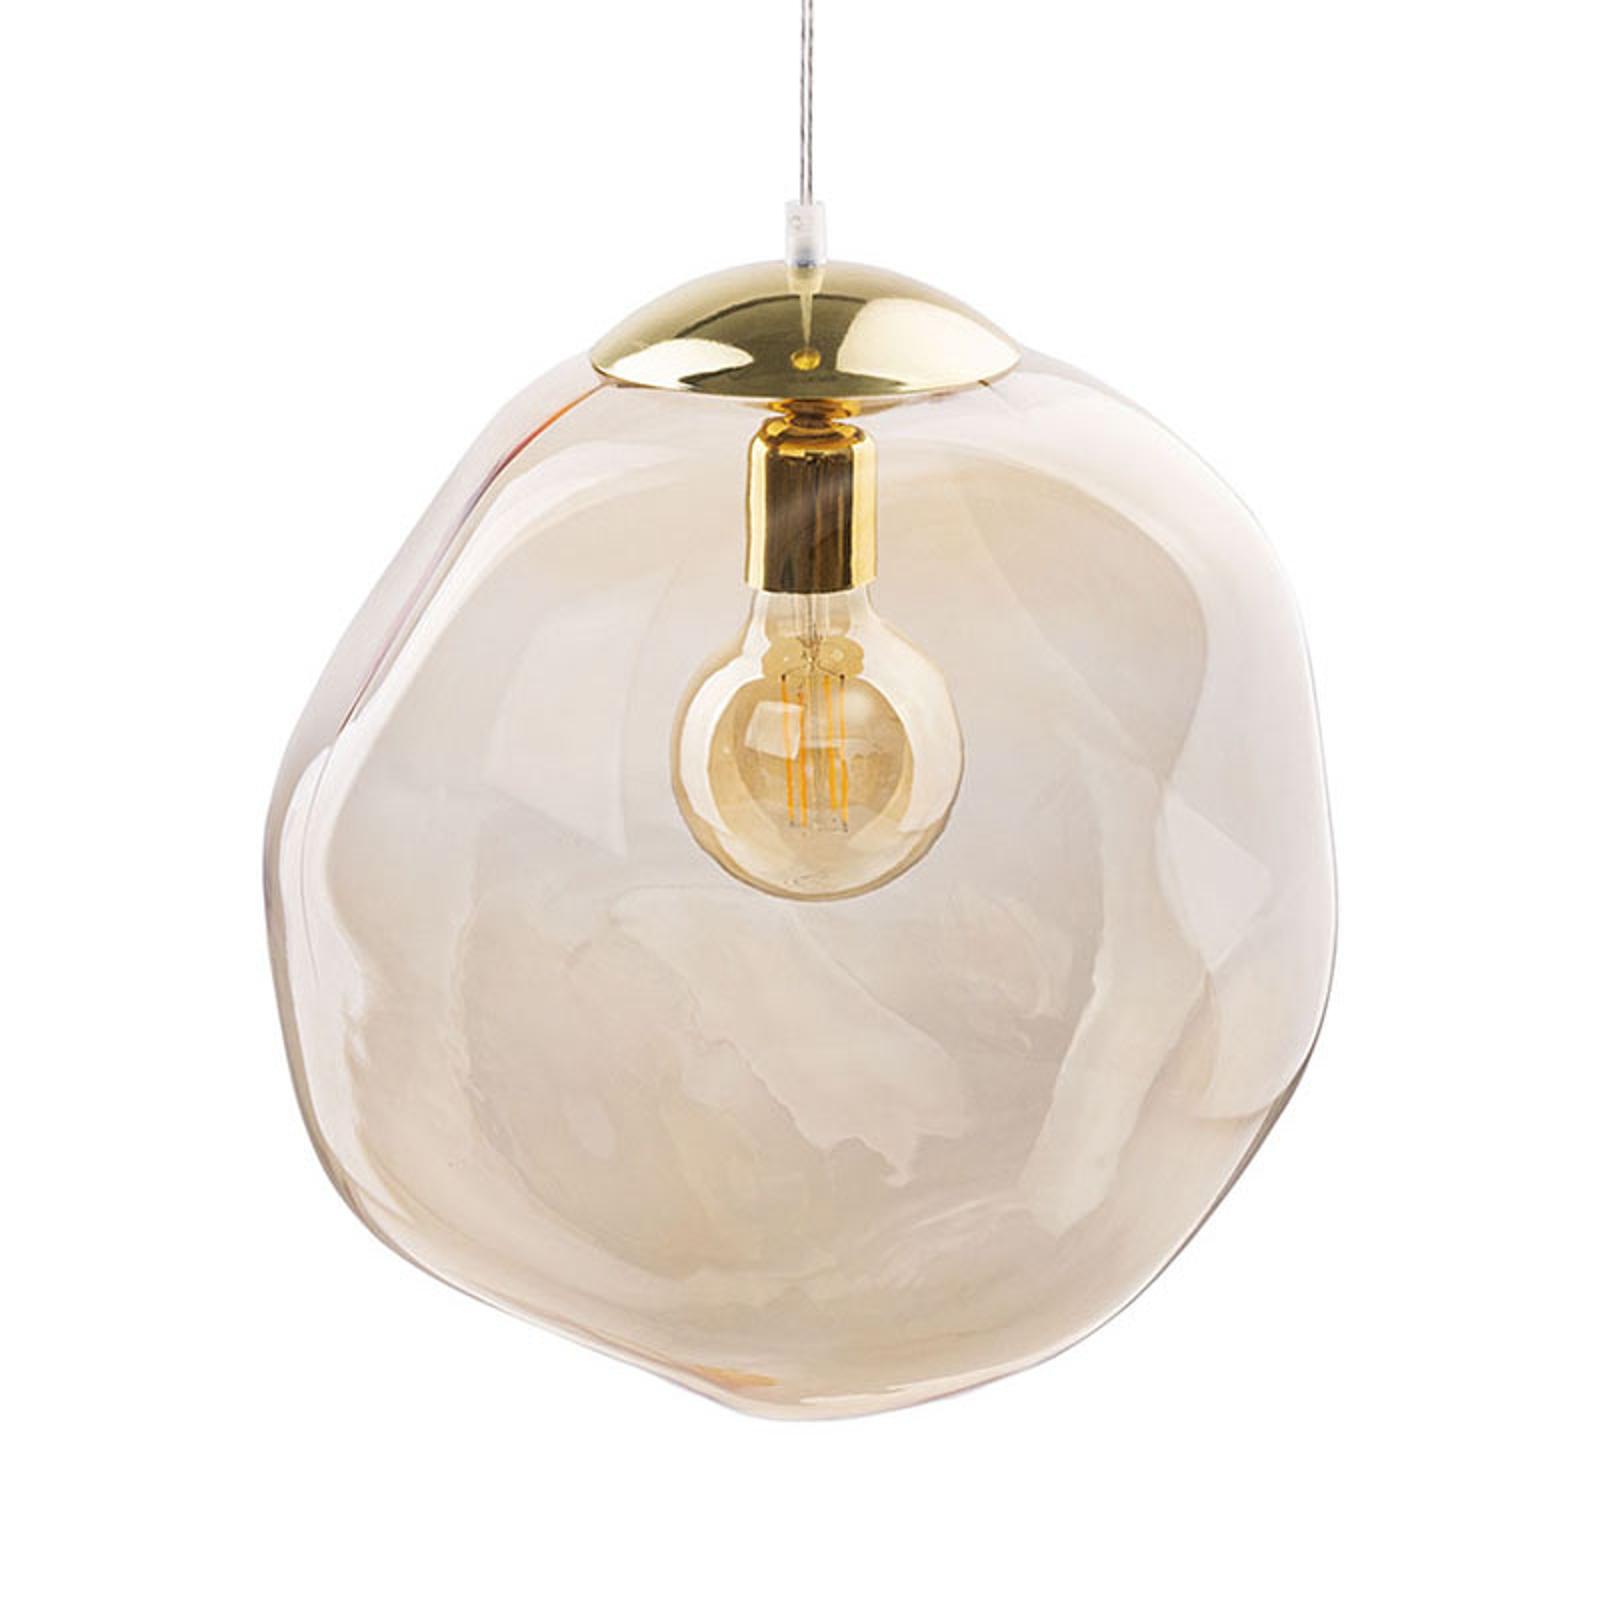 Glashänglampa Sol, guld/bärnsten